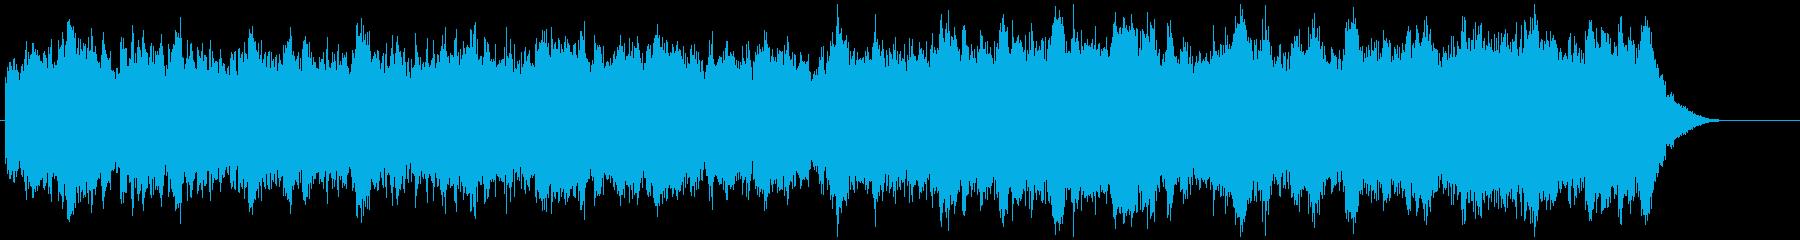 ノイジーでクールなゲームミュージックの再生済みの波形